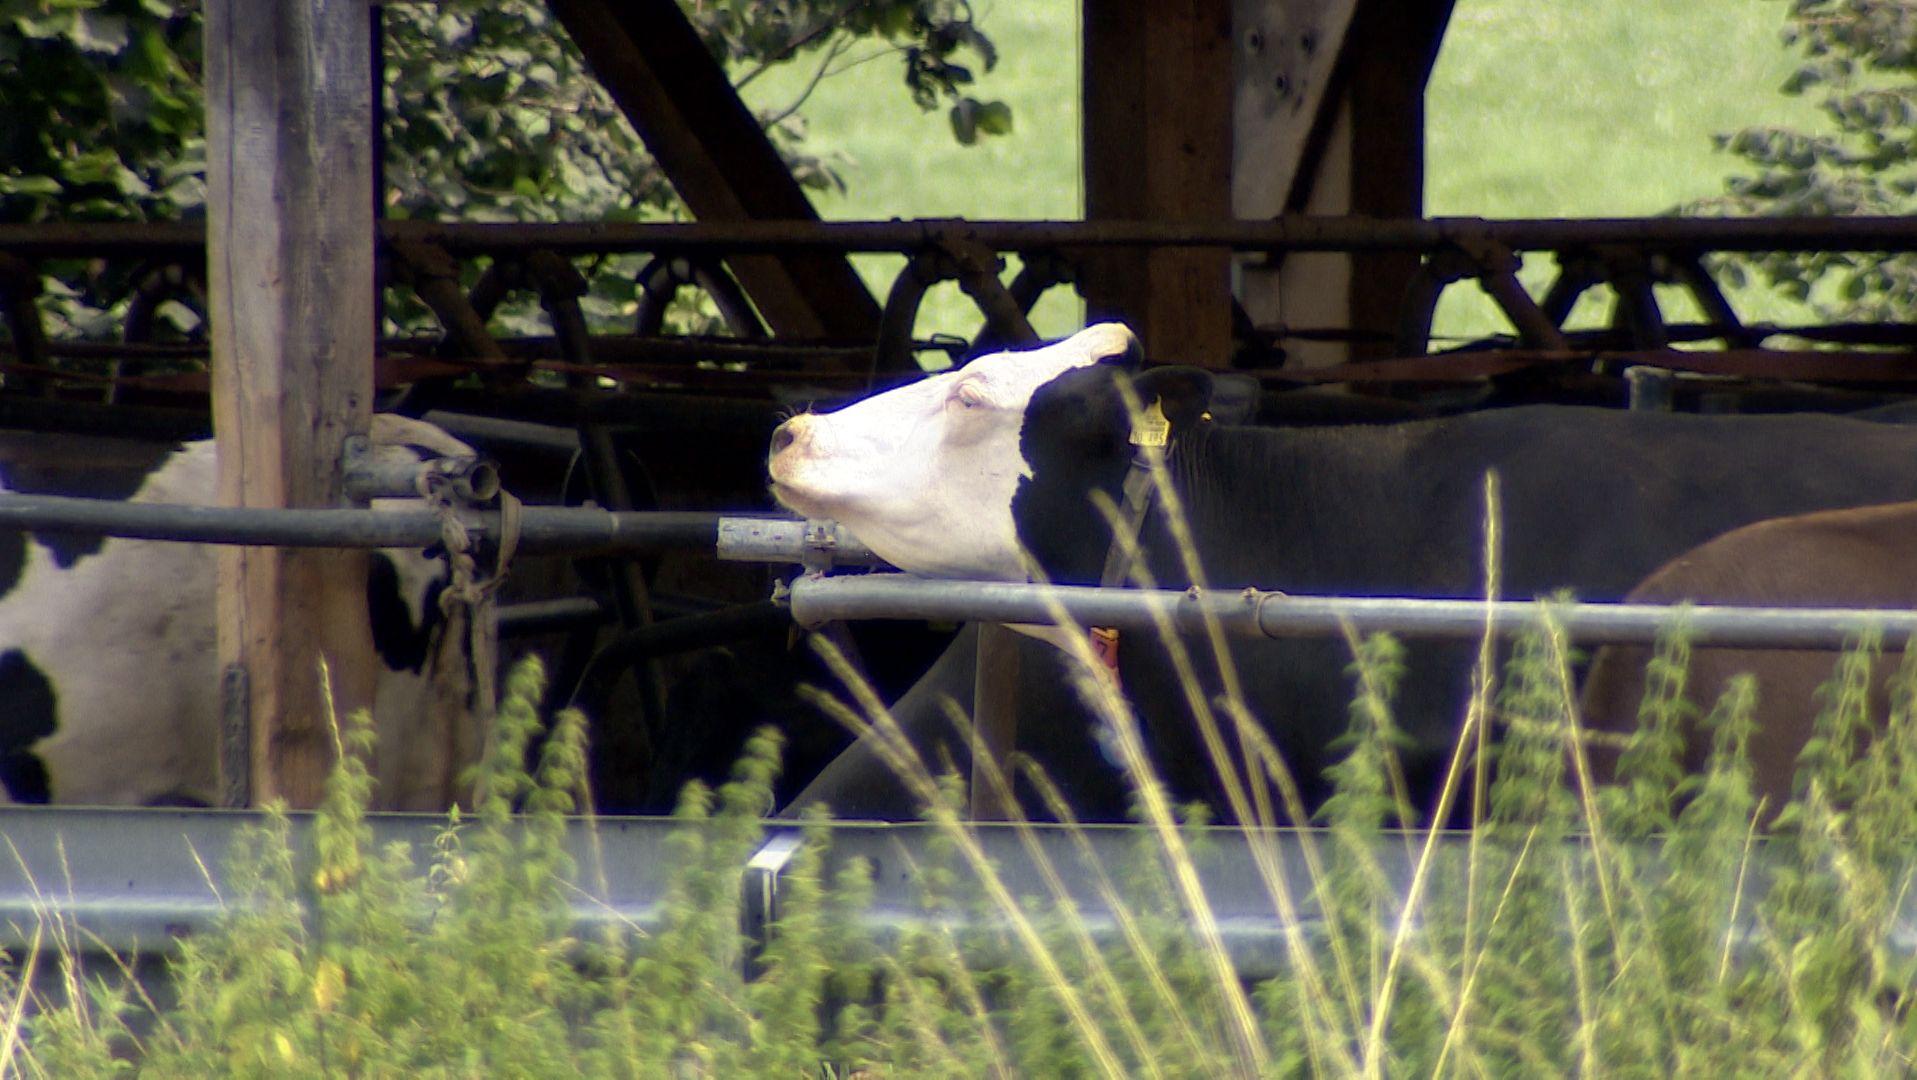 Die Polizei stellte Unterlagen bei der Durchsuchung eines zweiten Allgäuer Milchviehbetriebs in Bad Grönenbach sicher.